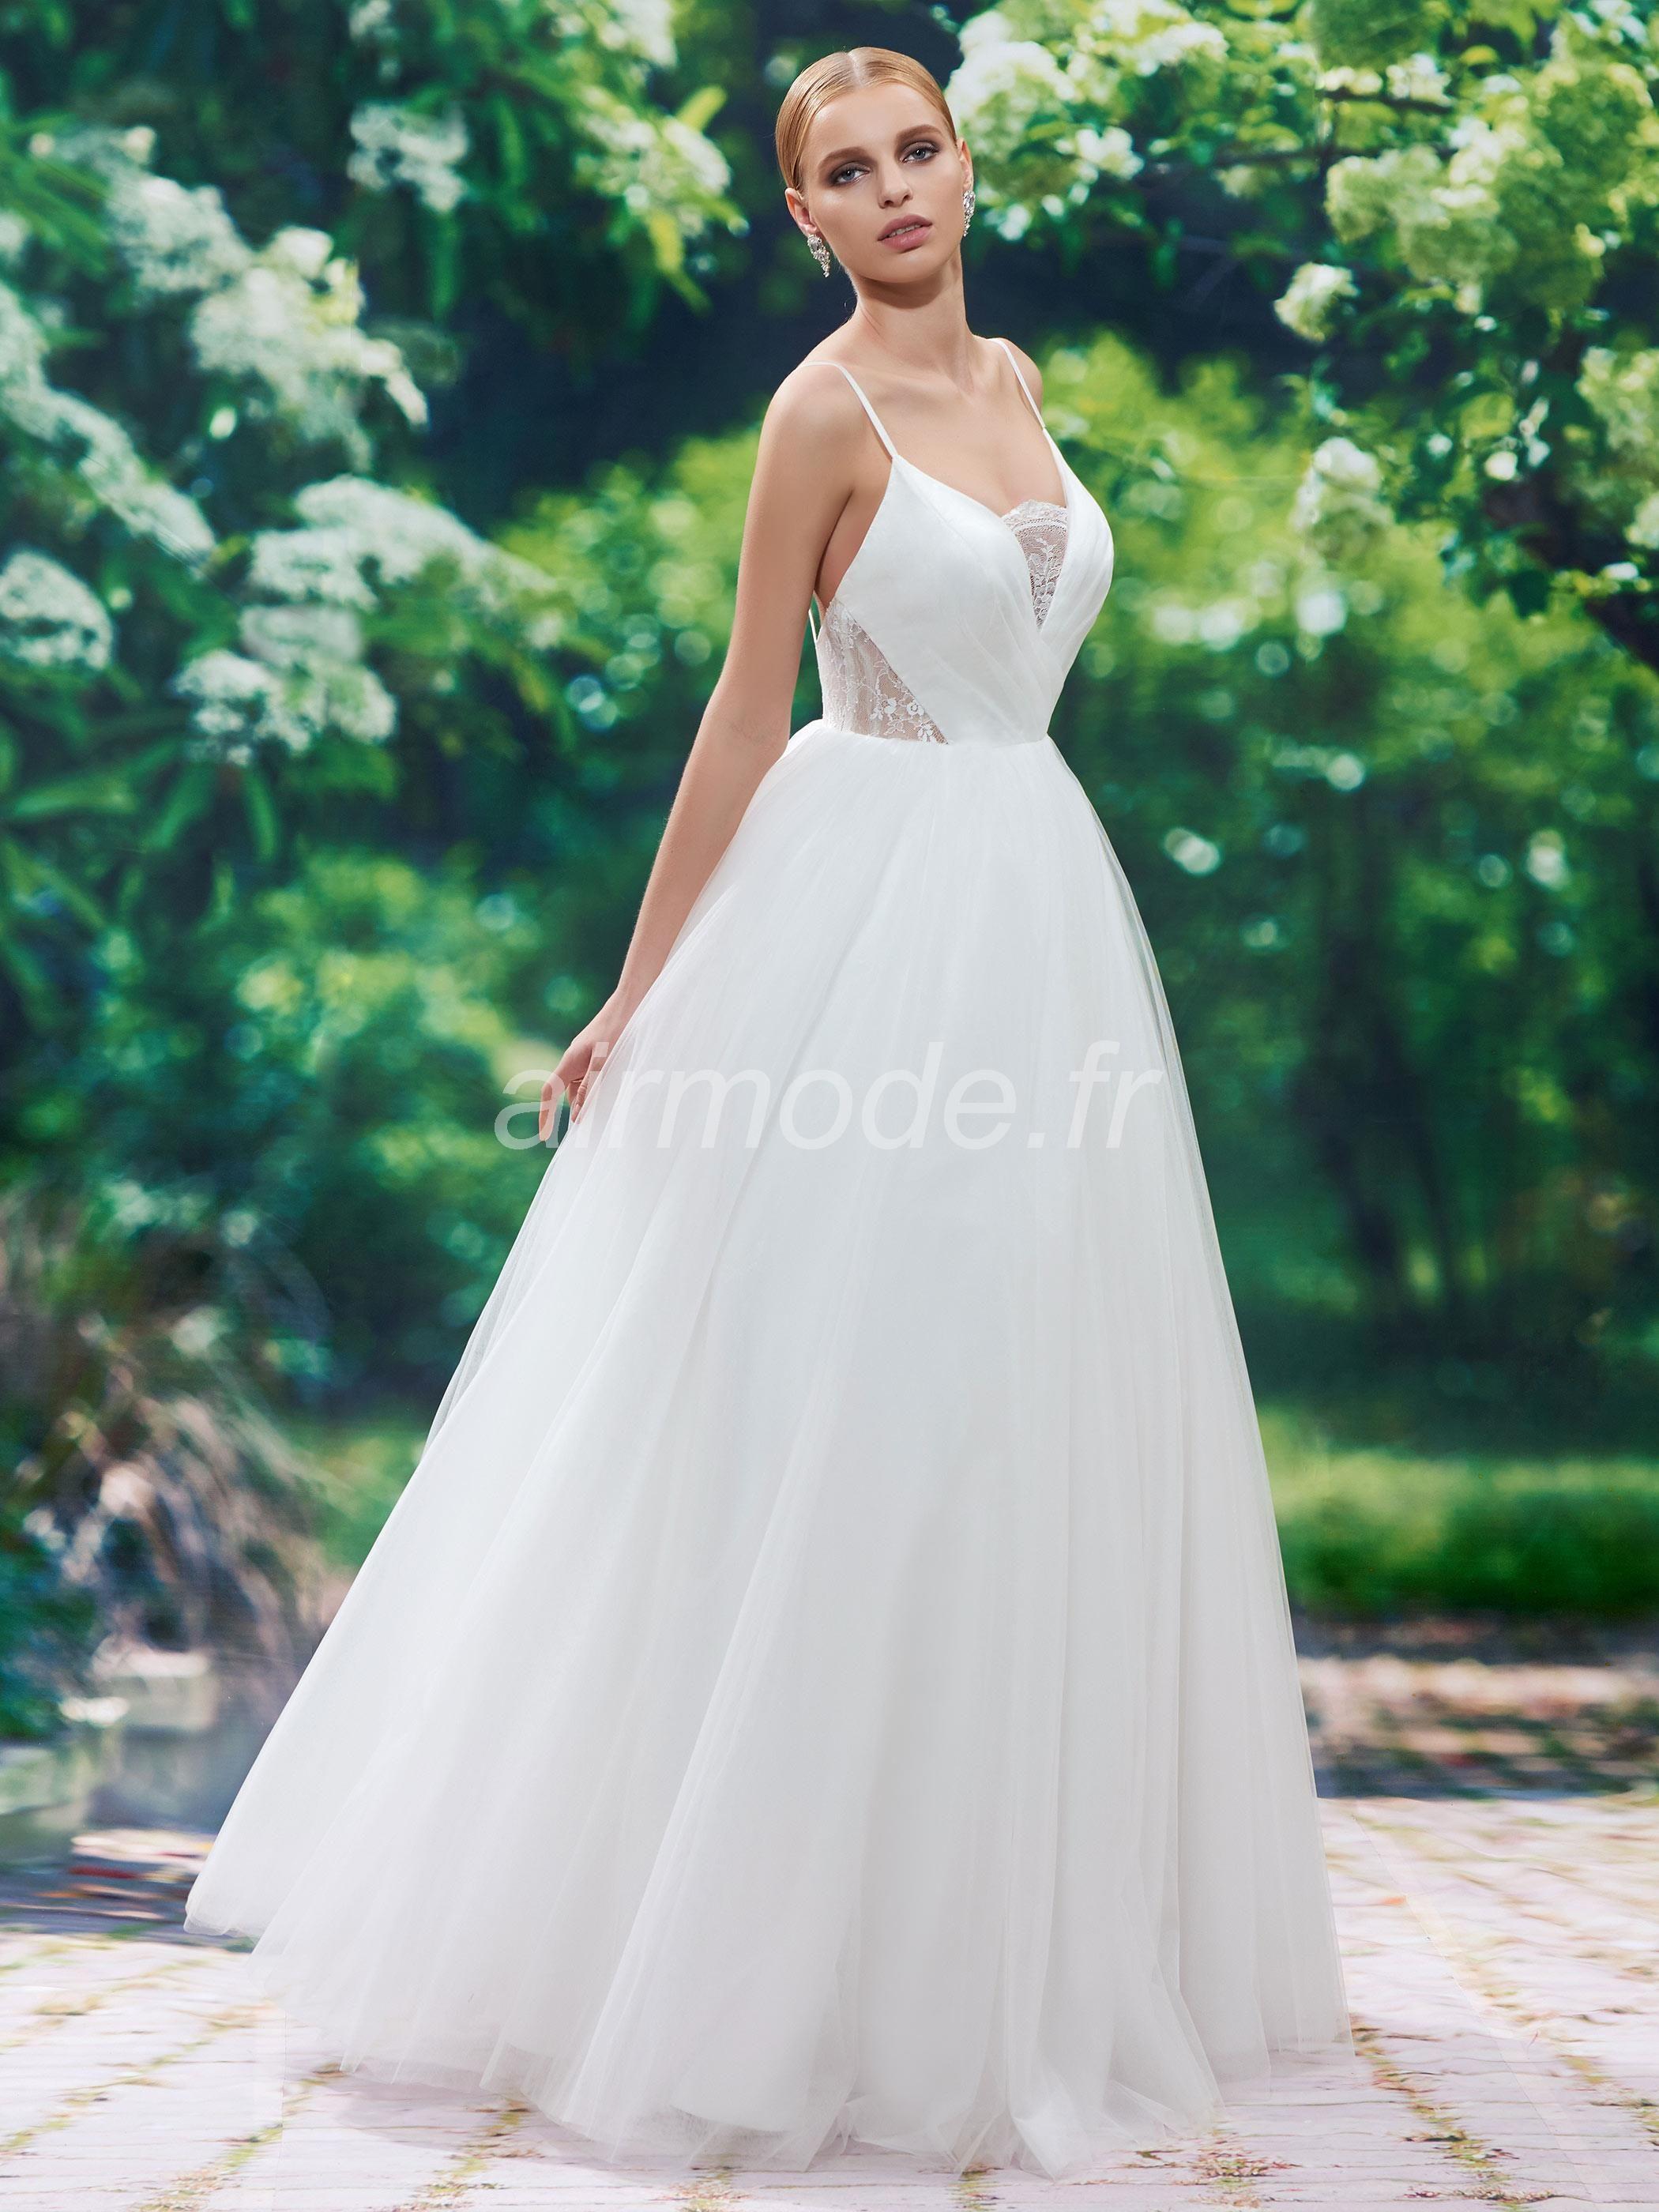 Open back wedding dresses lace  fournitures de airmodehall jardin naturel w de manches lace